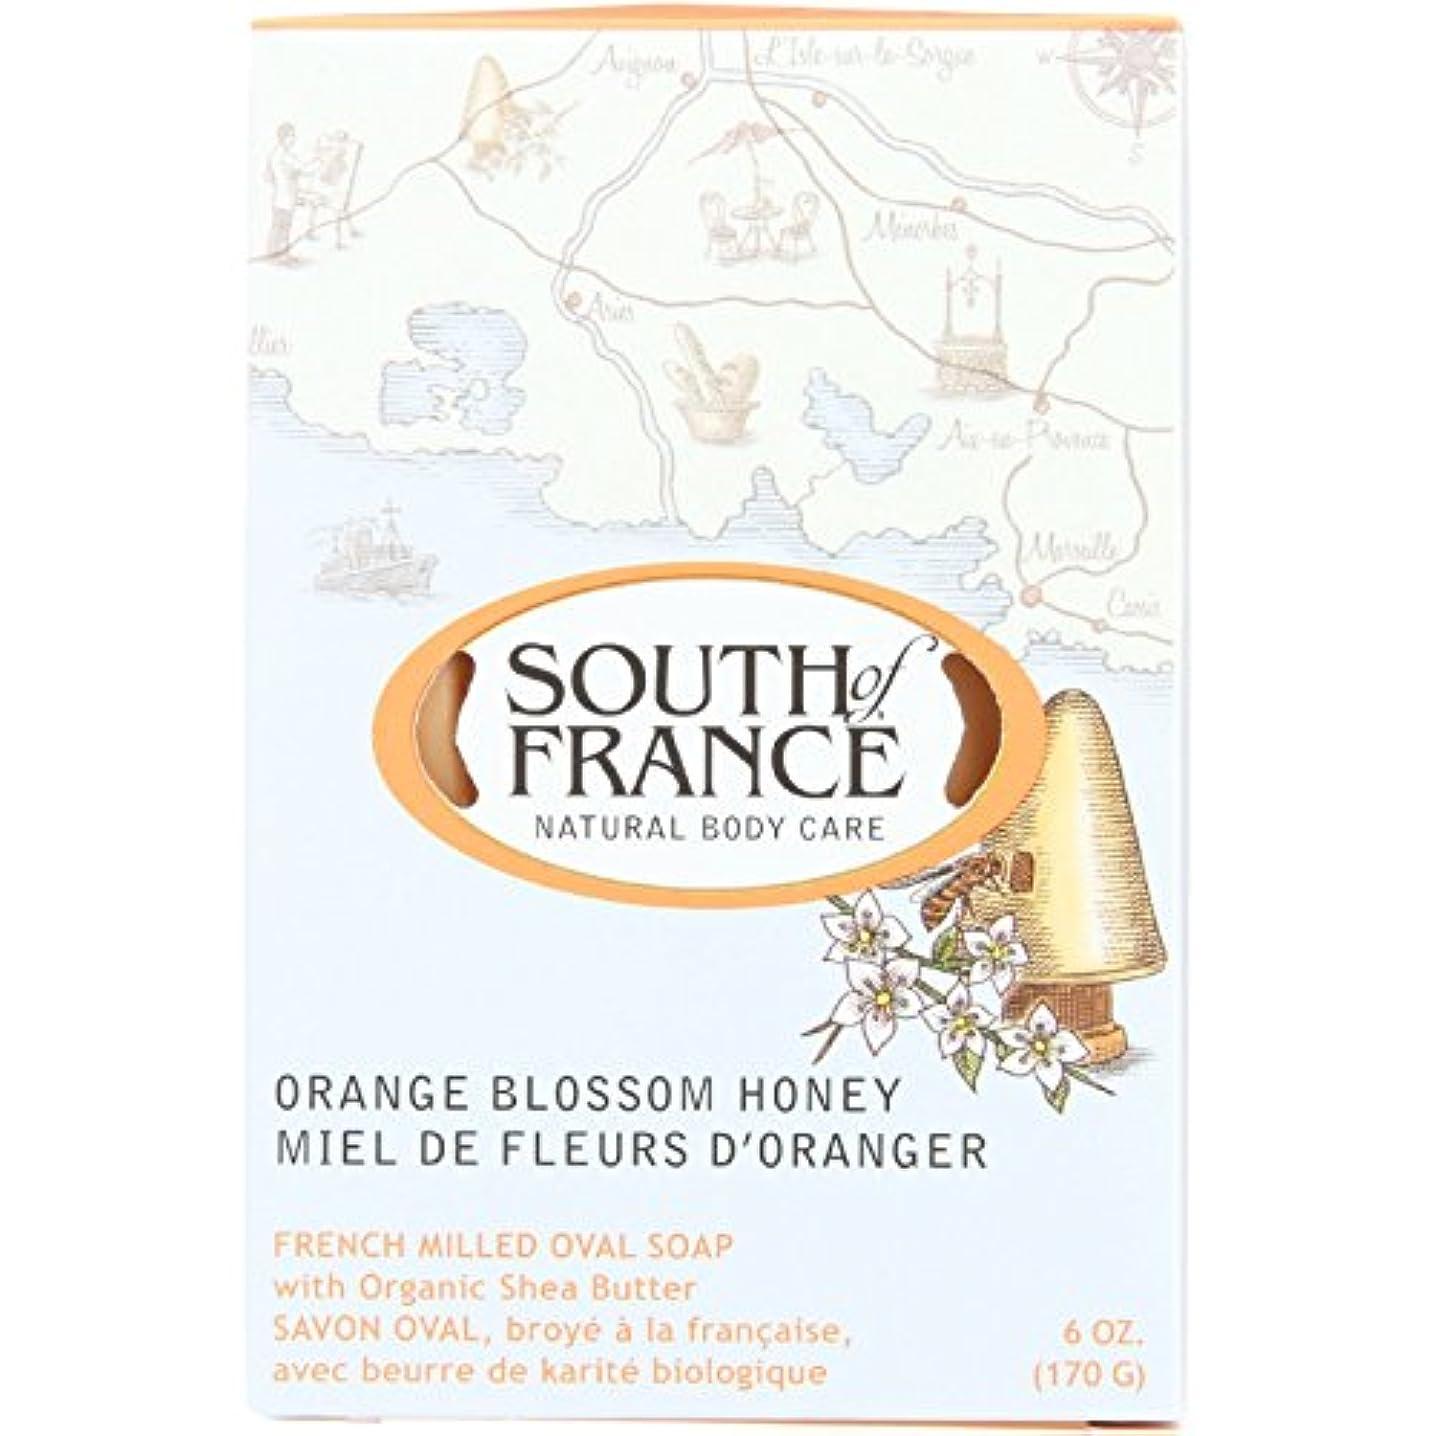 トライアスロン社説セマフォSouth of France - フランスの製粉された野菜棒石鹸のオレンジ花の蜂蜜 - 6ポンド